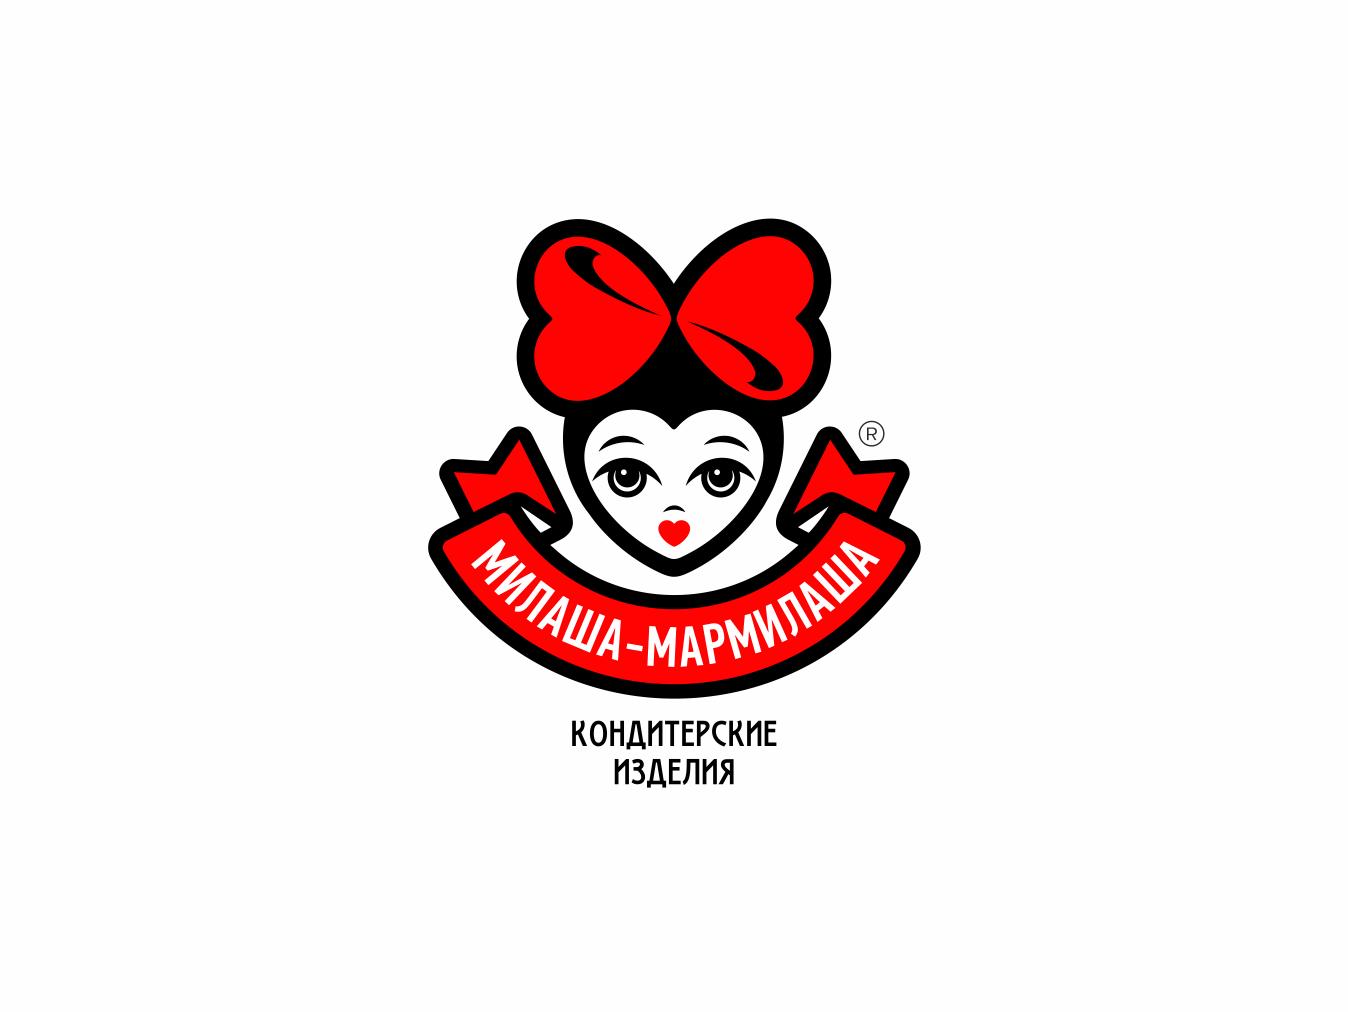 """Логотип для товарного знака """"Милаша-Мармилаша"""" фото f_6635877894788fbe.png"""